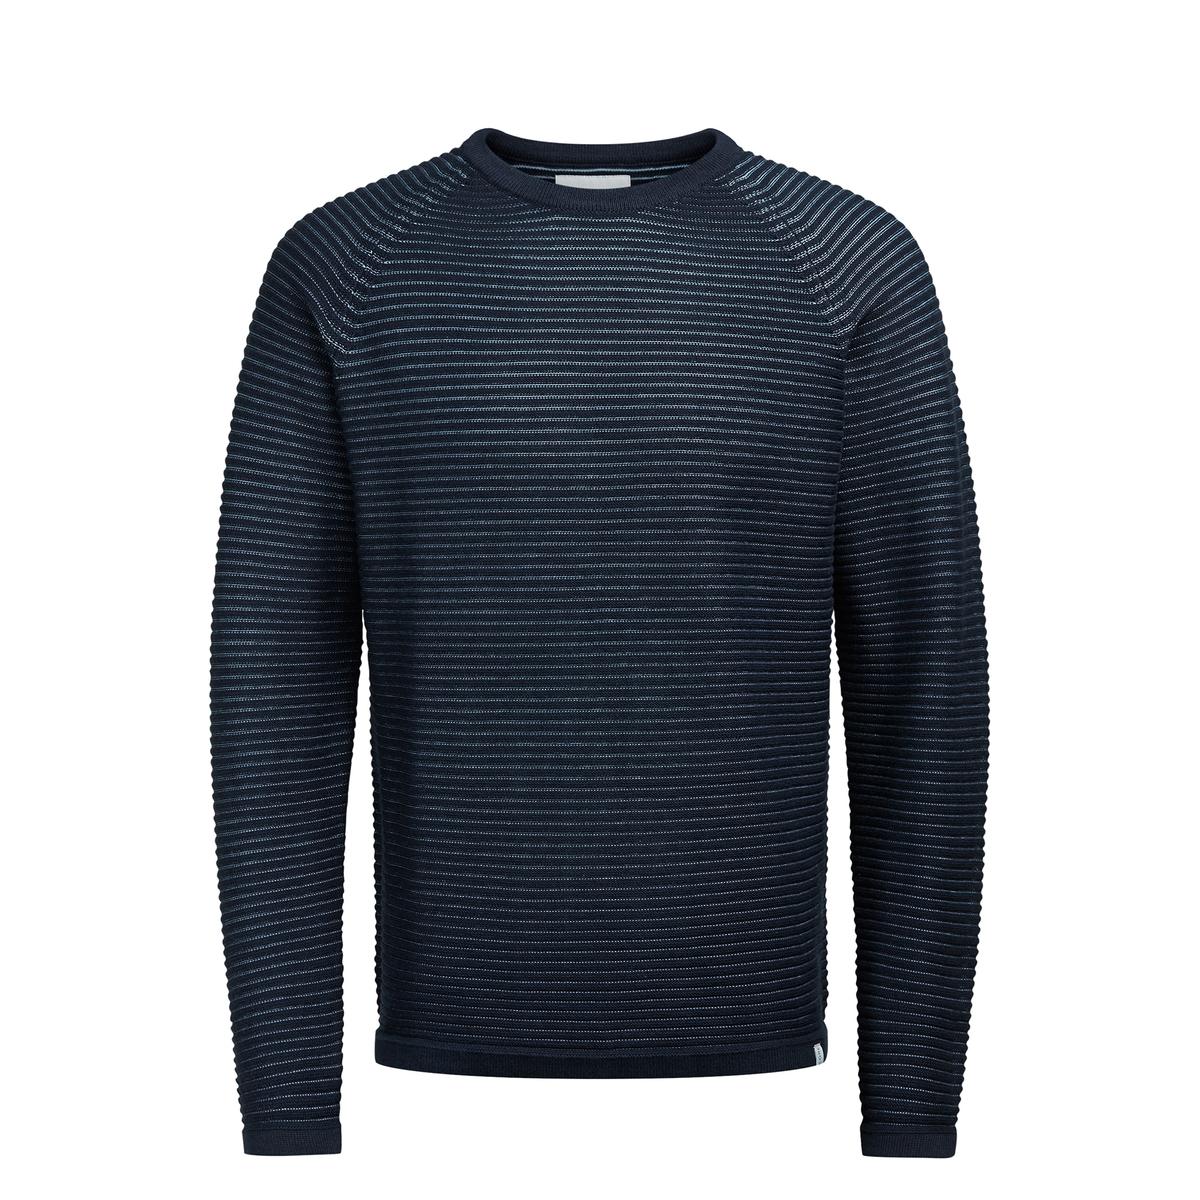 Пуловер крупной вязкиОписание:Детали  •  Длинные рукава  •  Круглый вырез •  Плотный трикотаж Состав и уход  •  100% хлопок  •  Следуйте советам по уходу, указанным на этикетке<br><br>Цвет: темно-серый<br>Размер: S